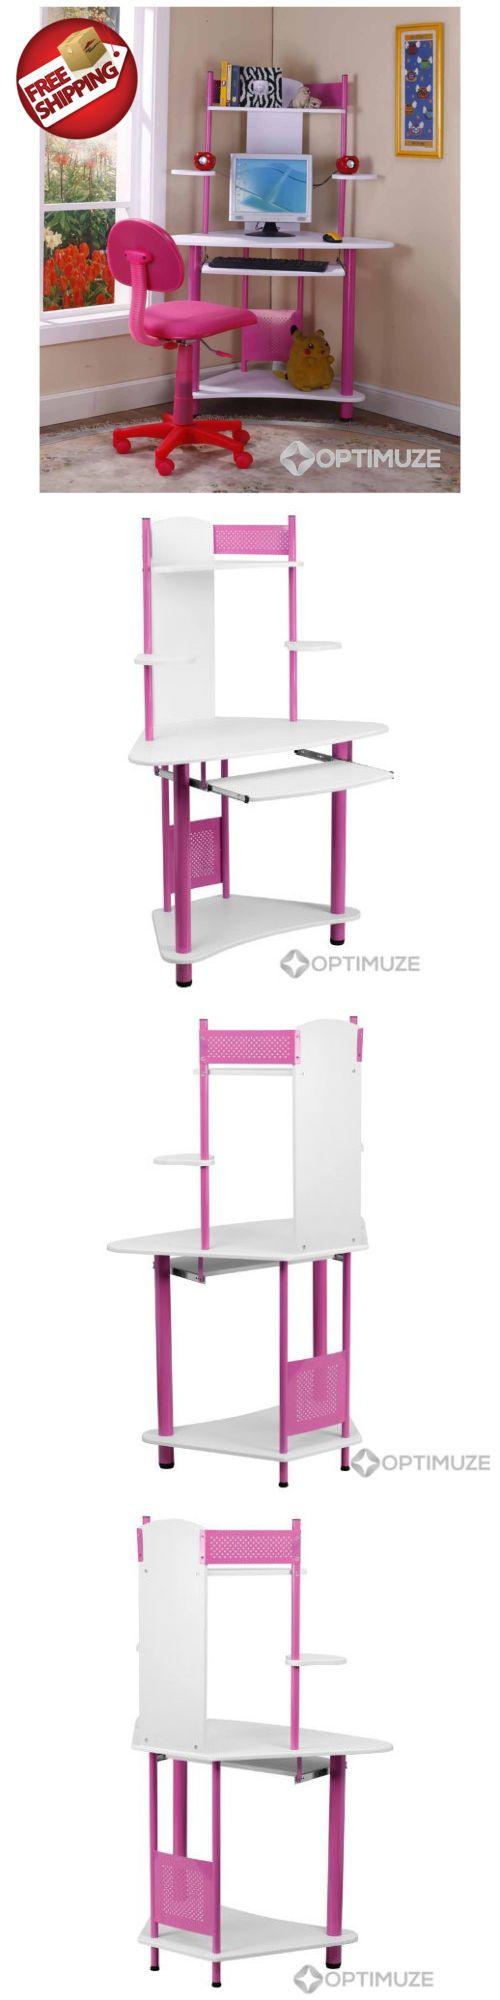 Desks 115750: Kids Corner Desk Pink Girls Bedroom Furniture Computer  Writing Student Table ->